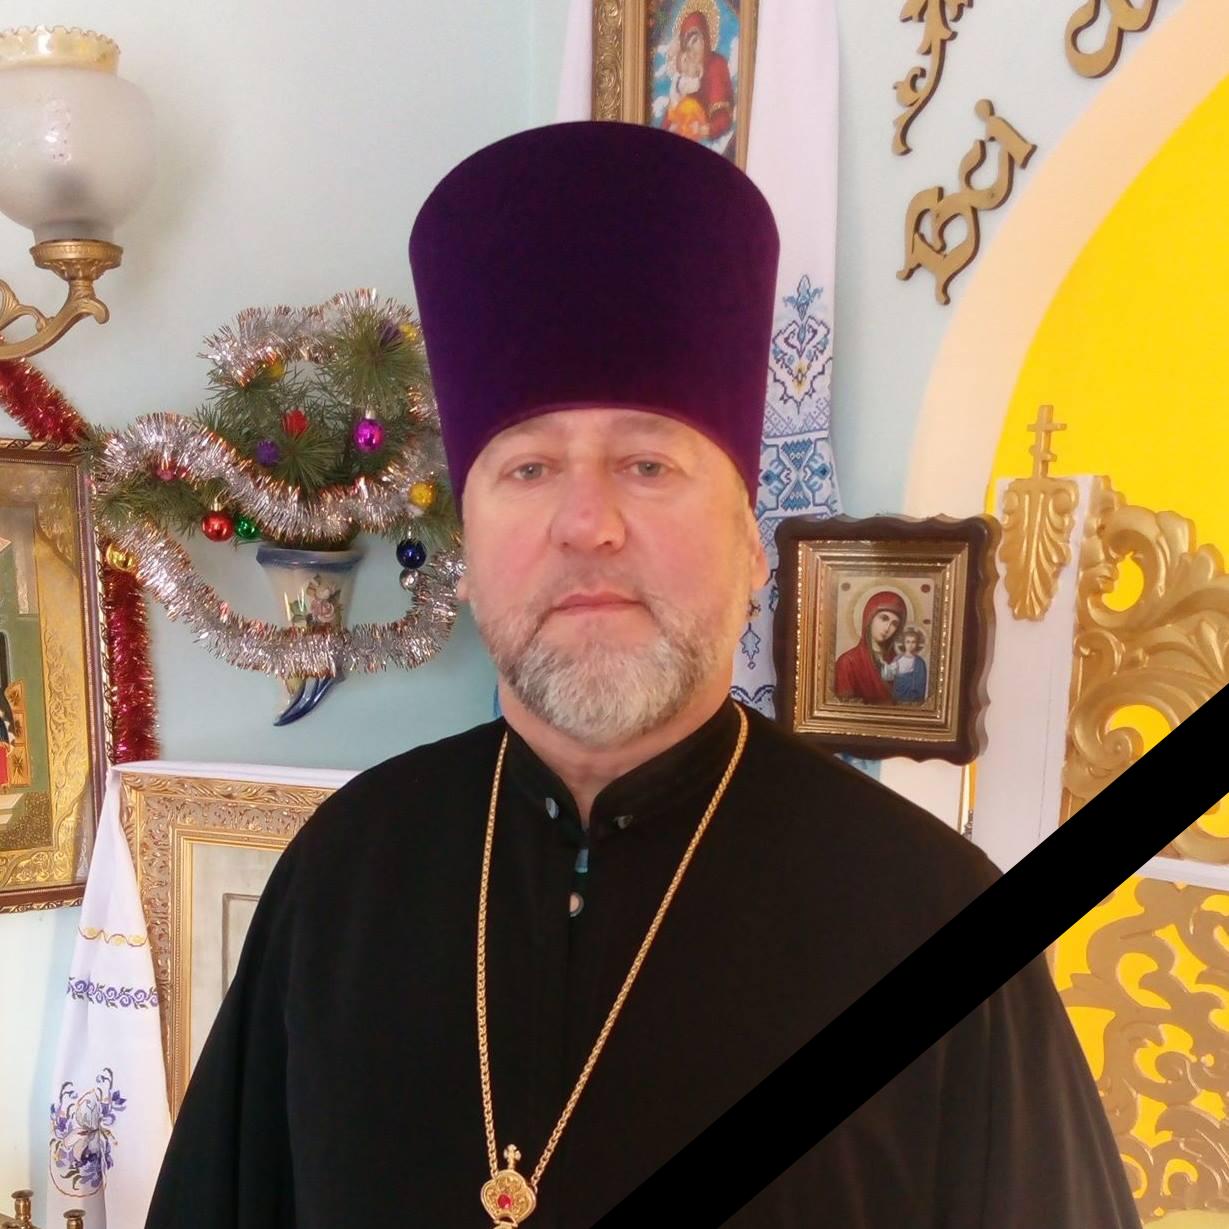 Закарпатському священнику після служби стало зле. Він помер